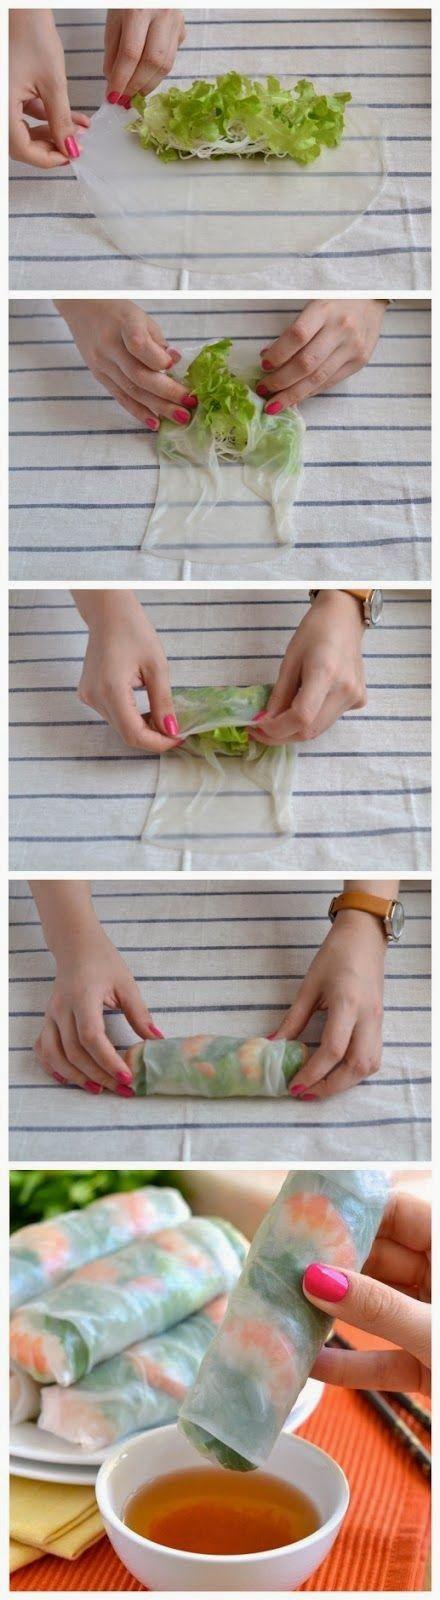 Flores en tu ensalada #recetas ligeras #rollitos vietnamitas